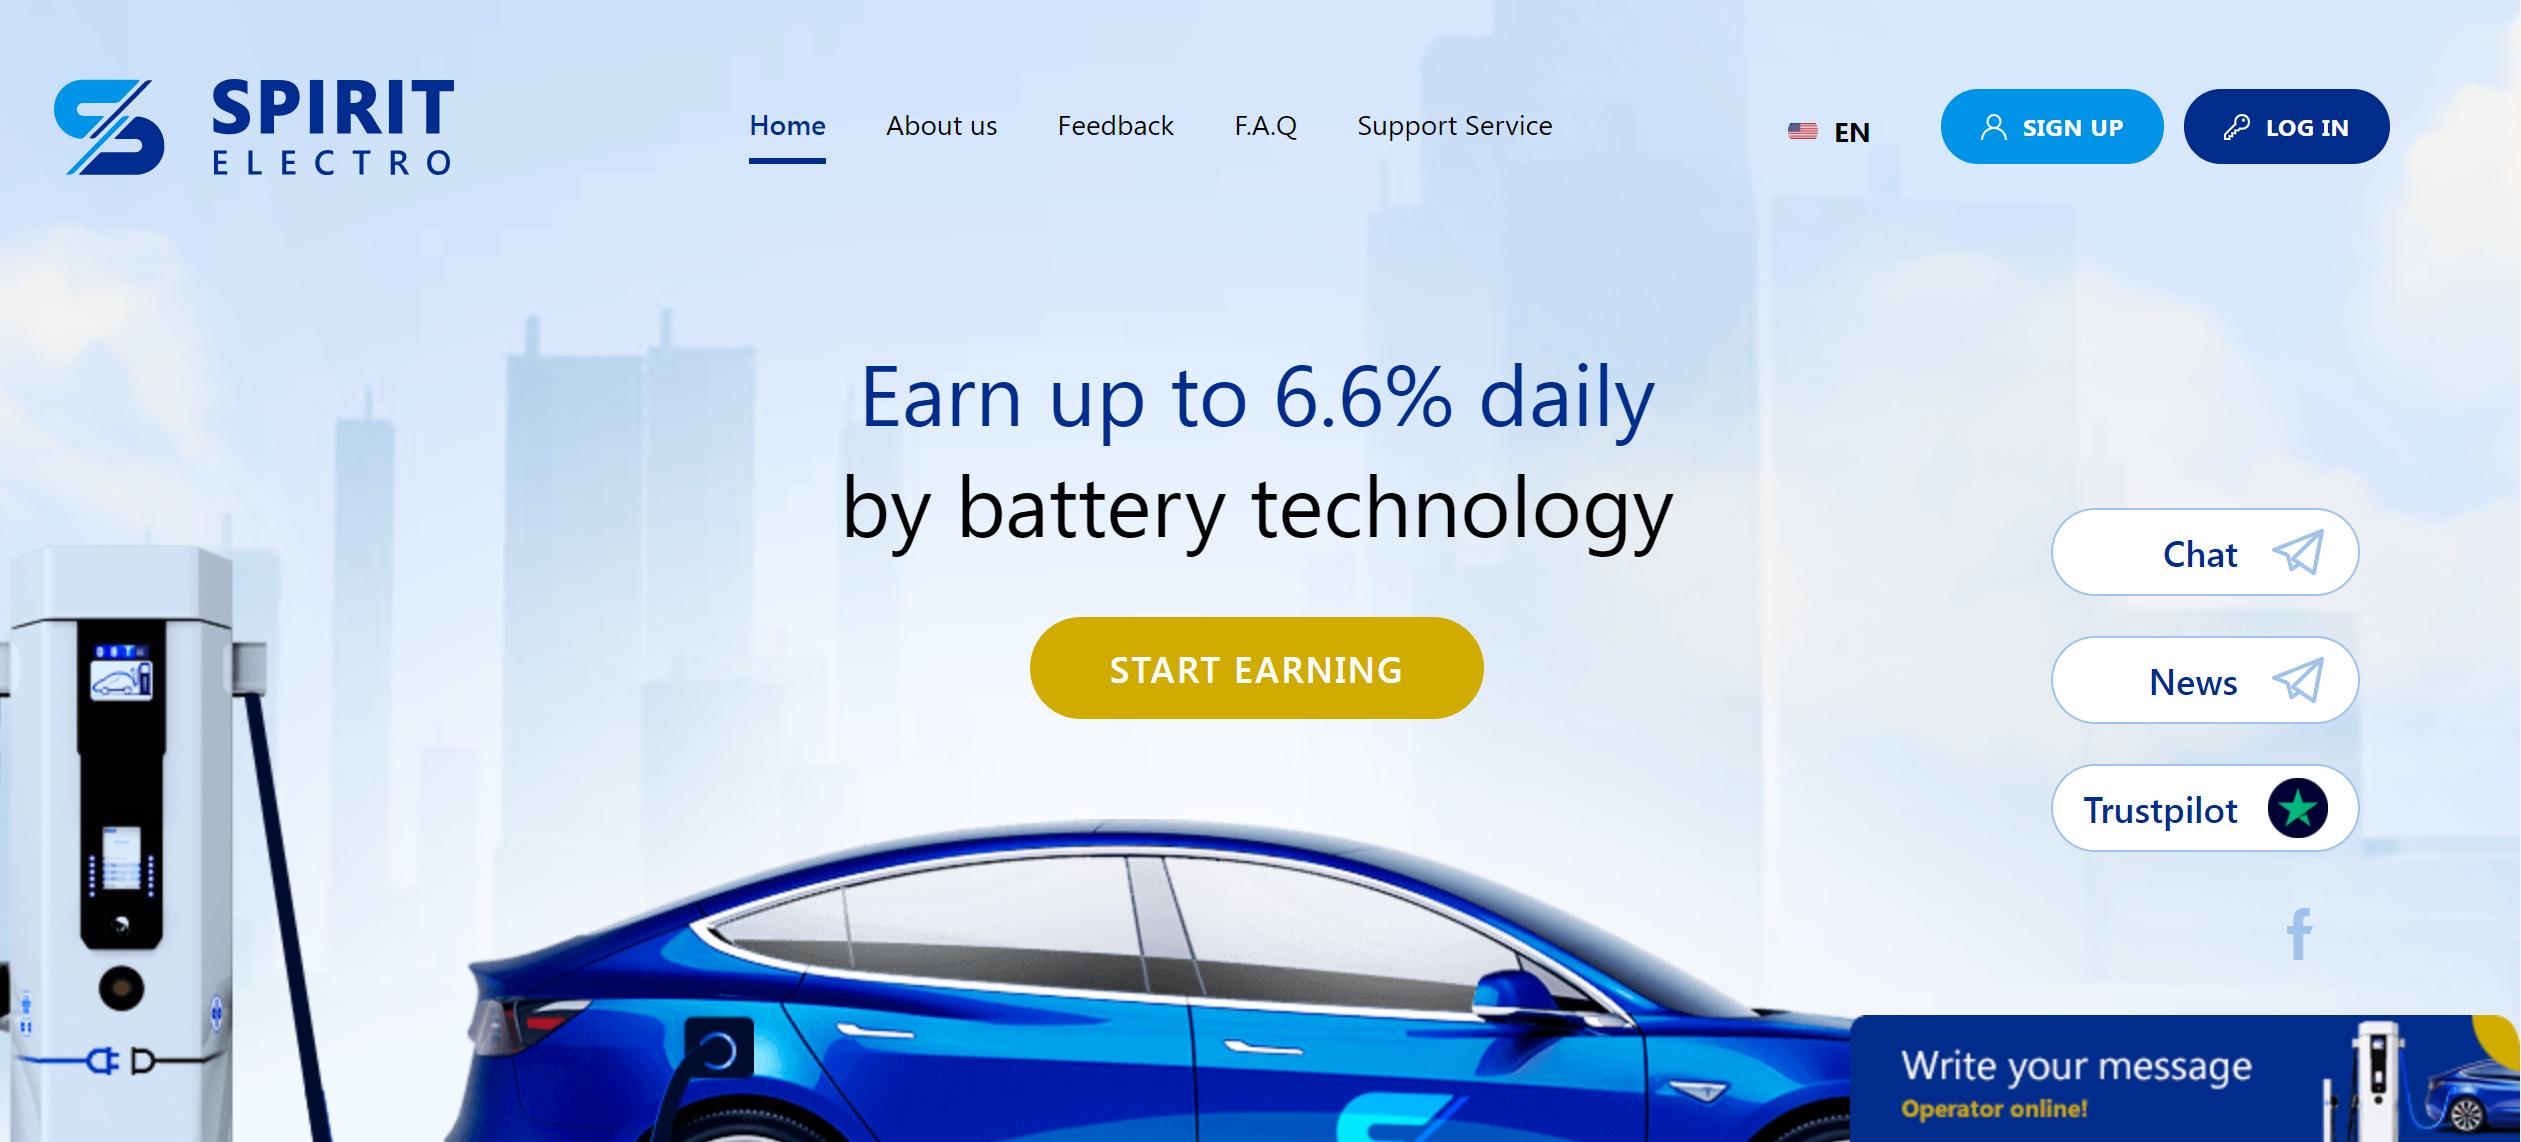 Spiritelectro.com Review